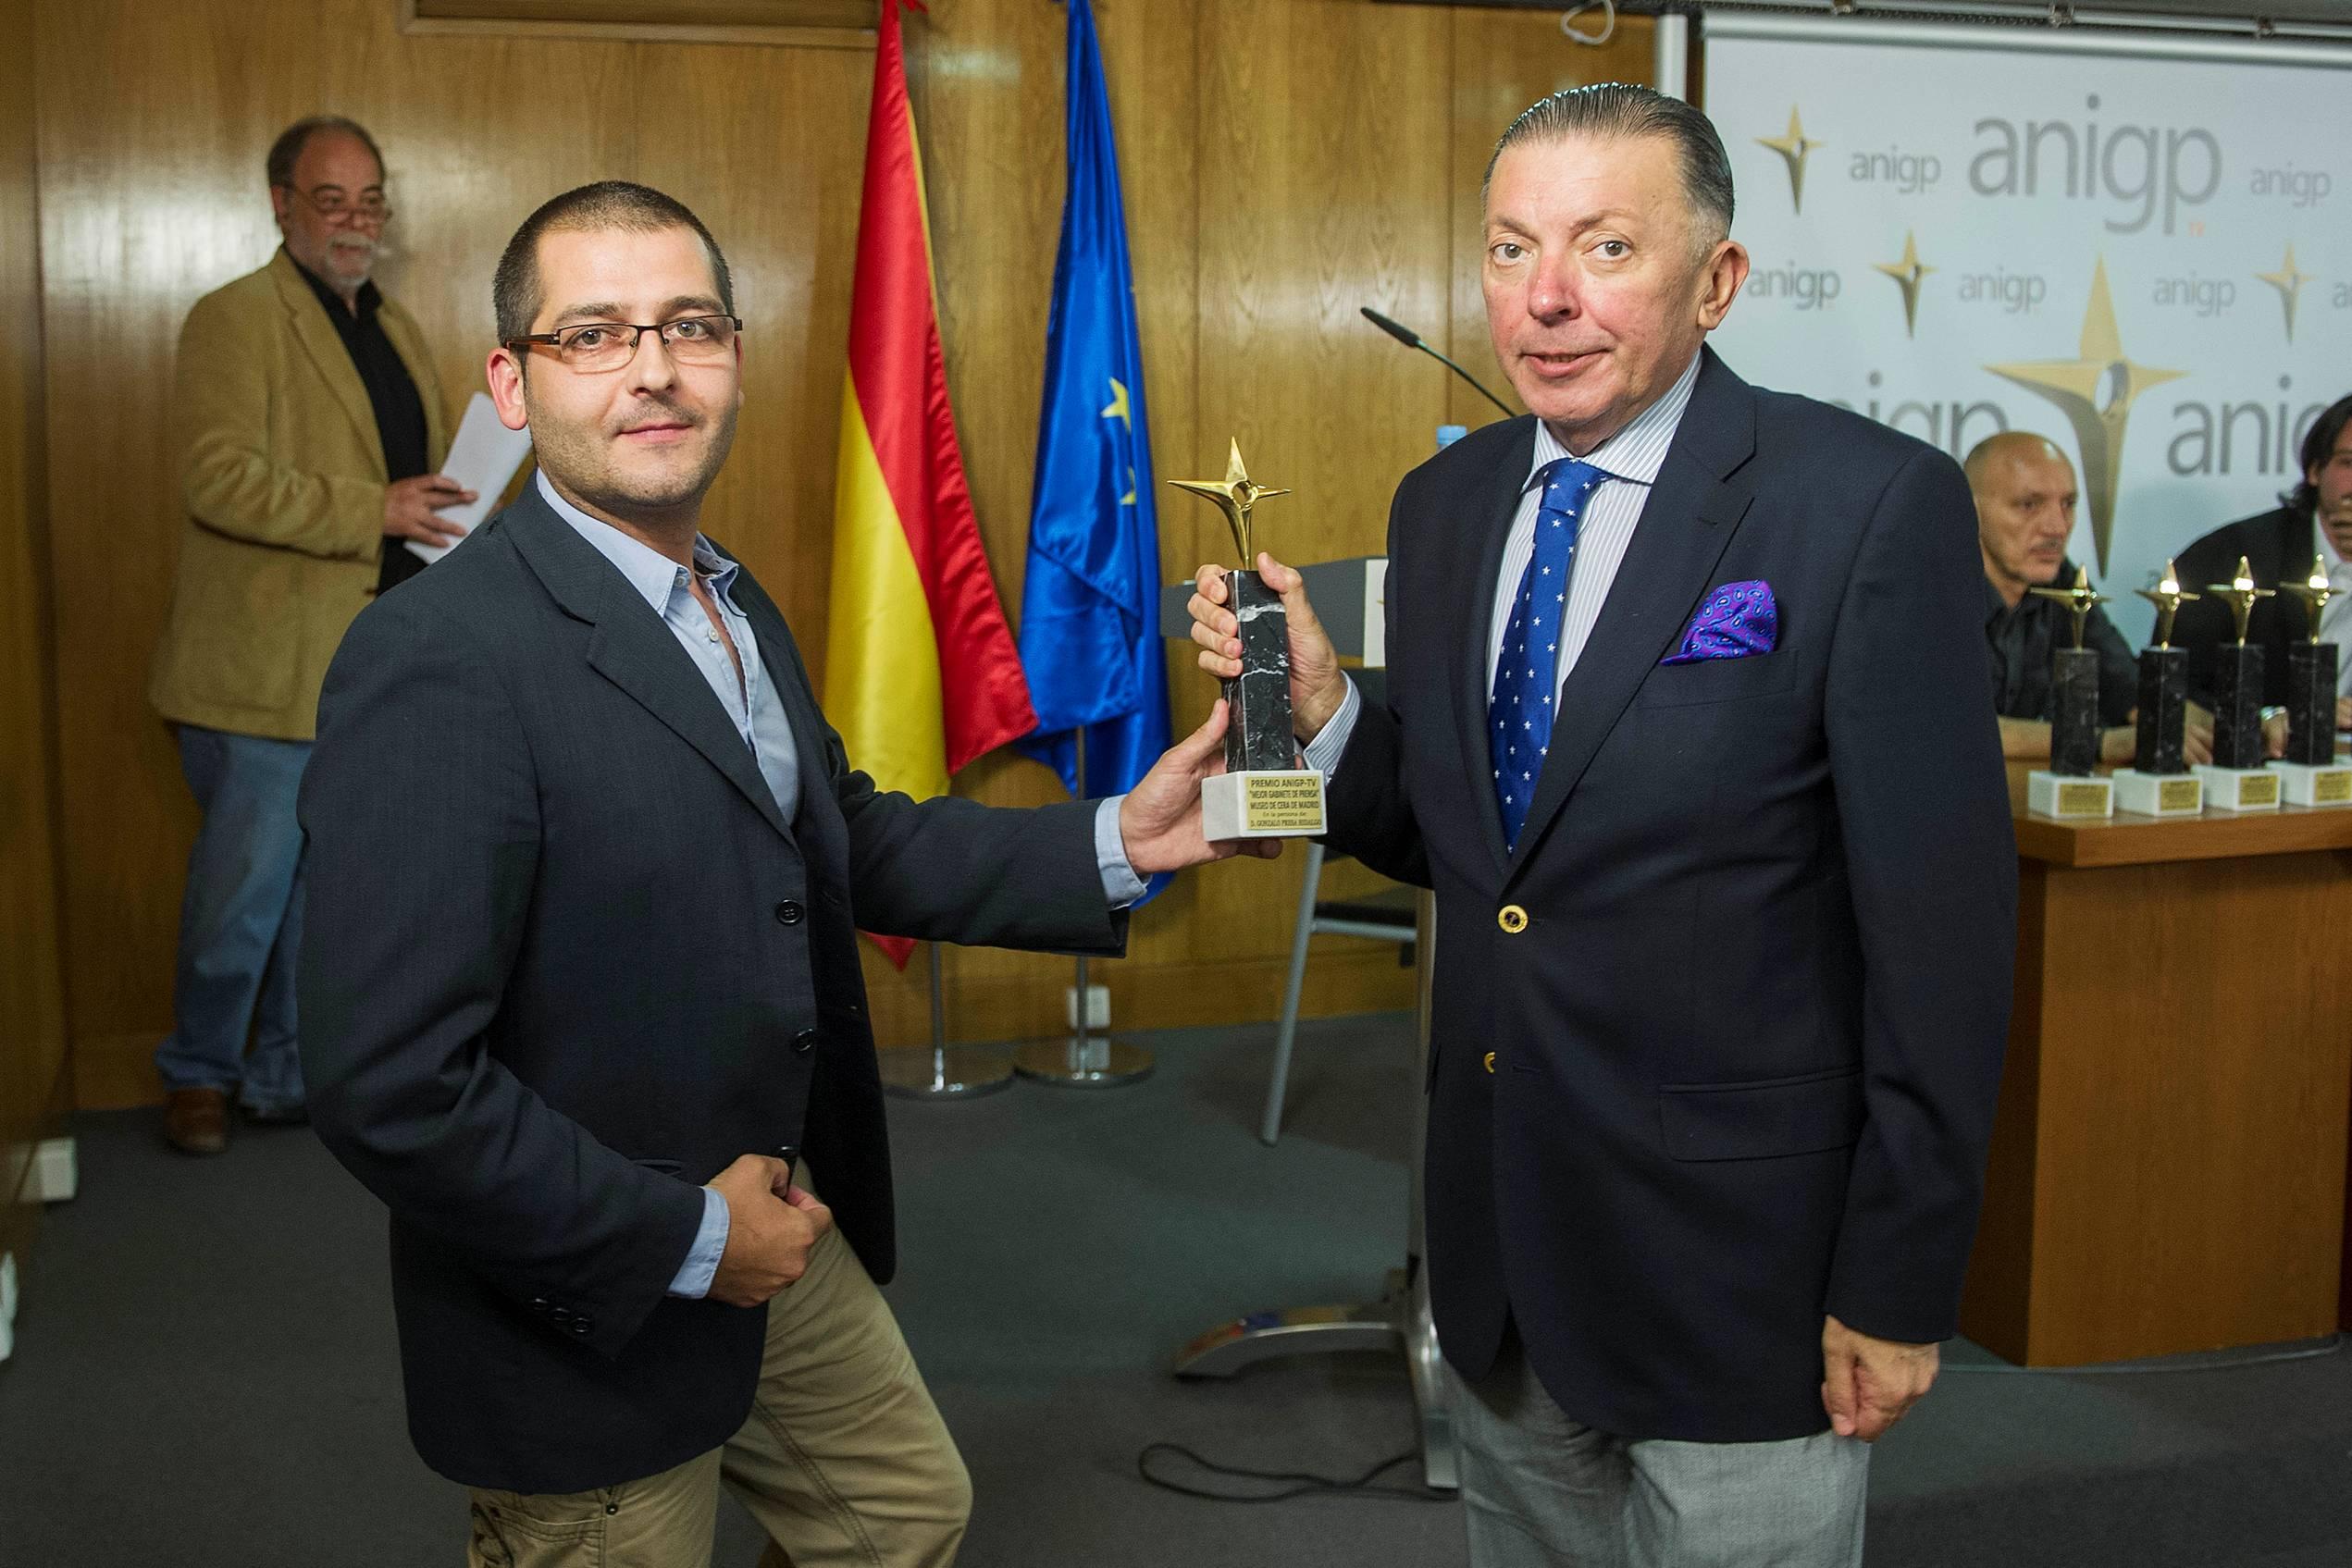 Premio al mejor Gabinete de Prensa